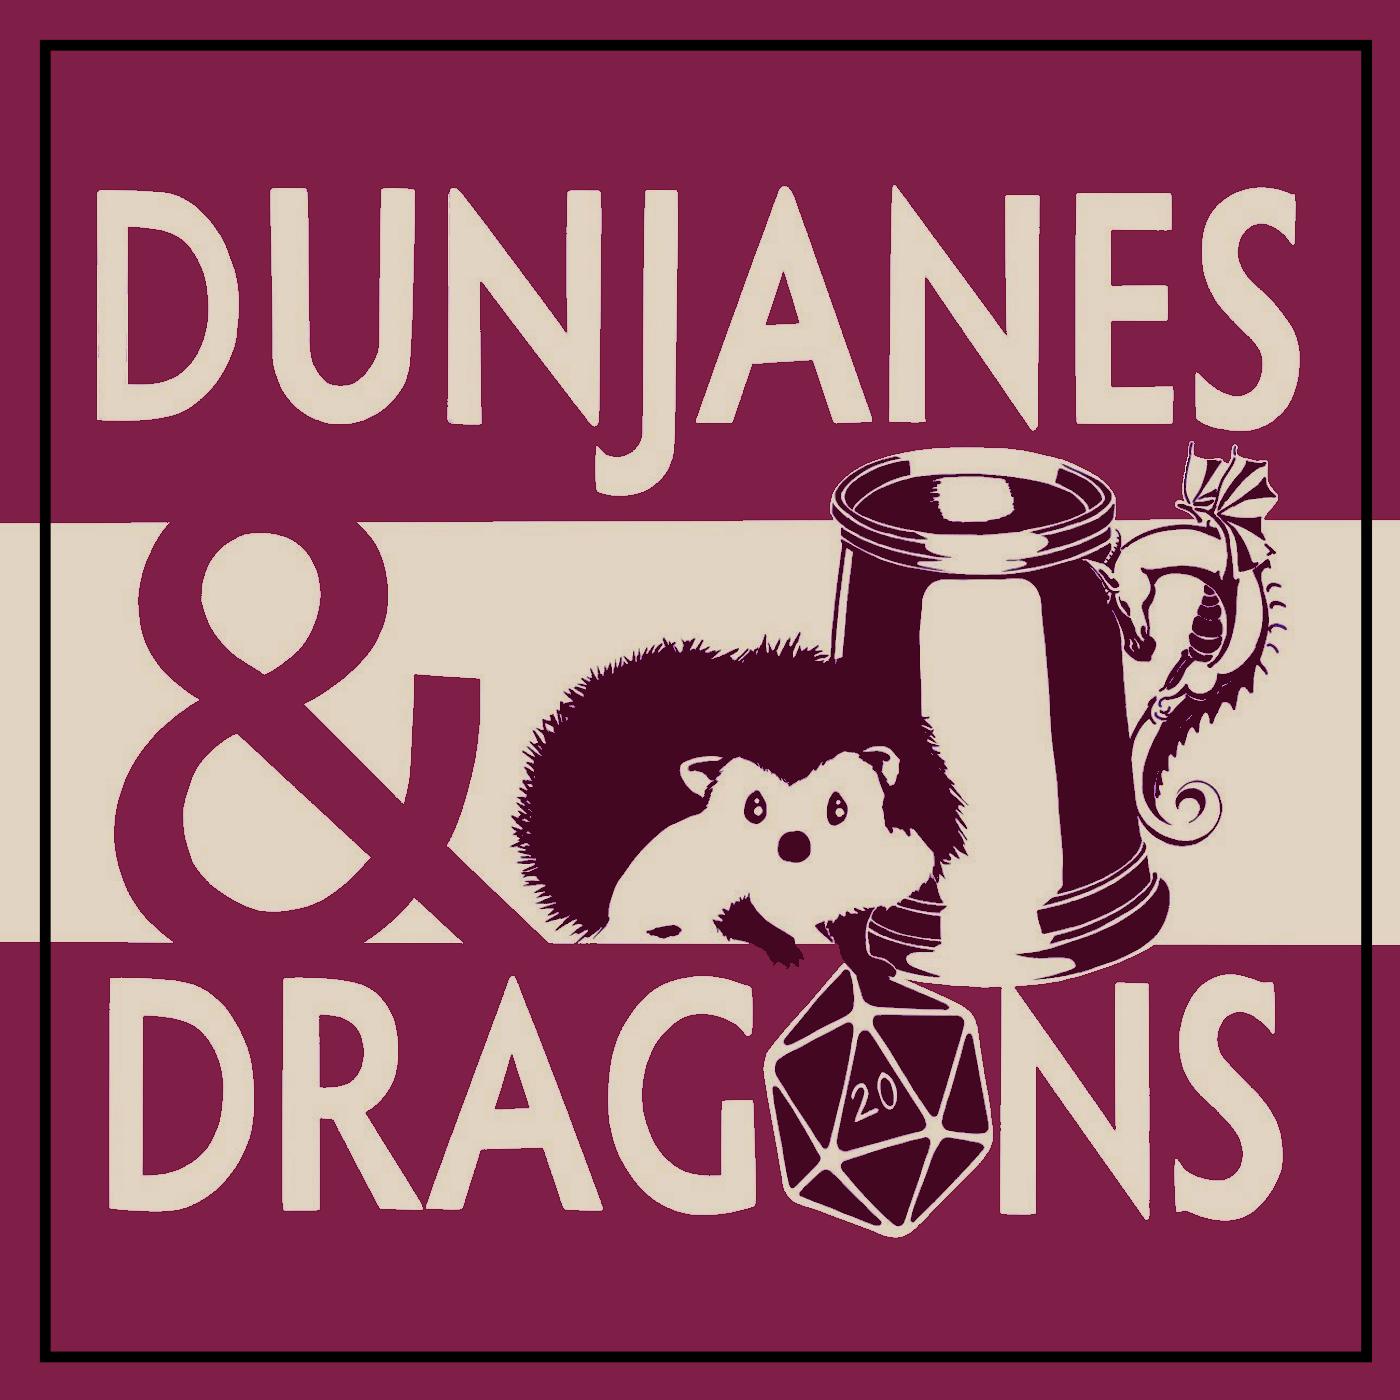 DunJanes Logo